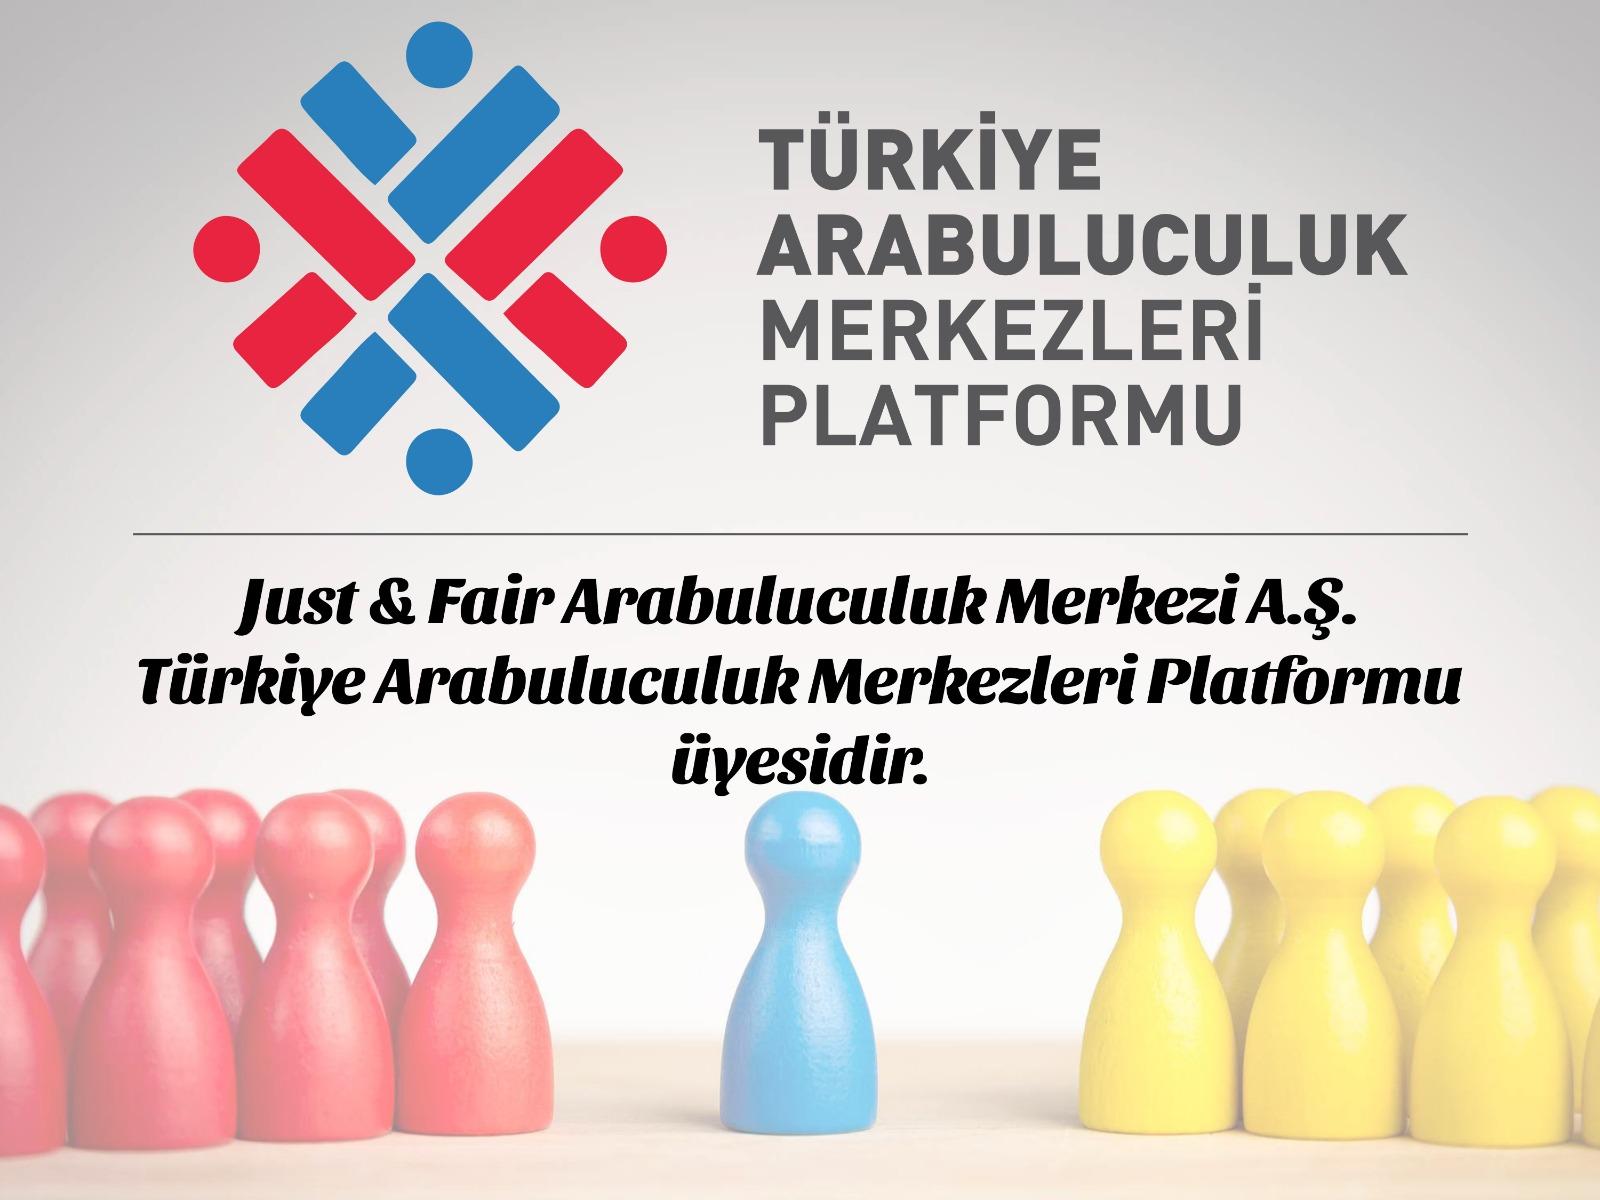 Türkiye Arabuluculuk Merkezleri Platformu